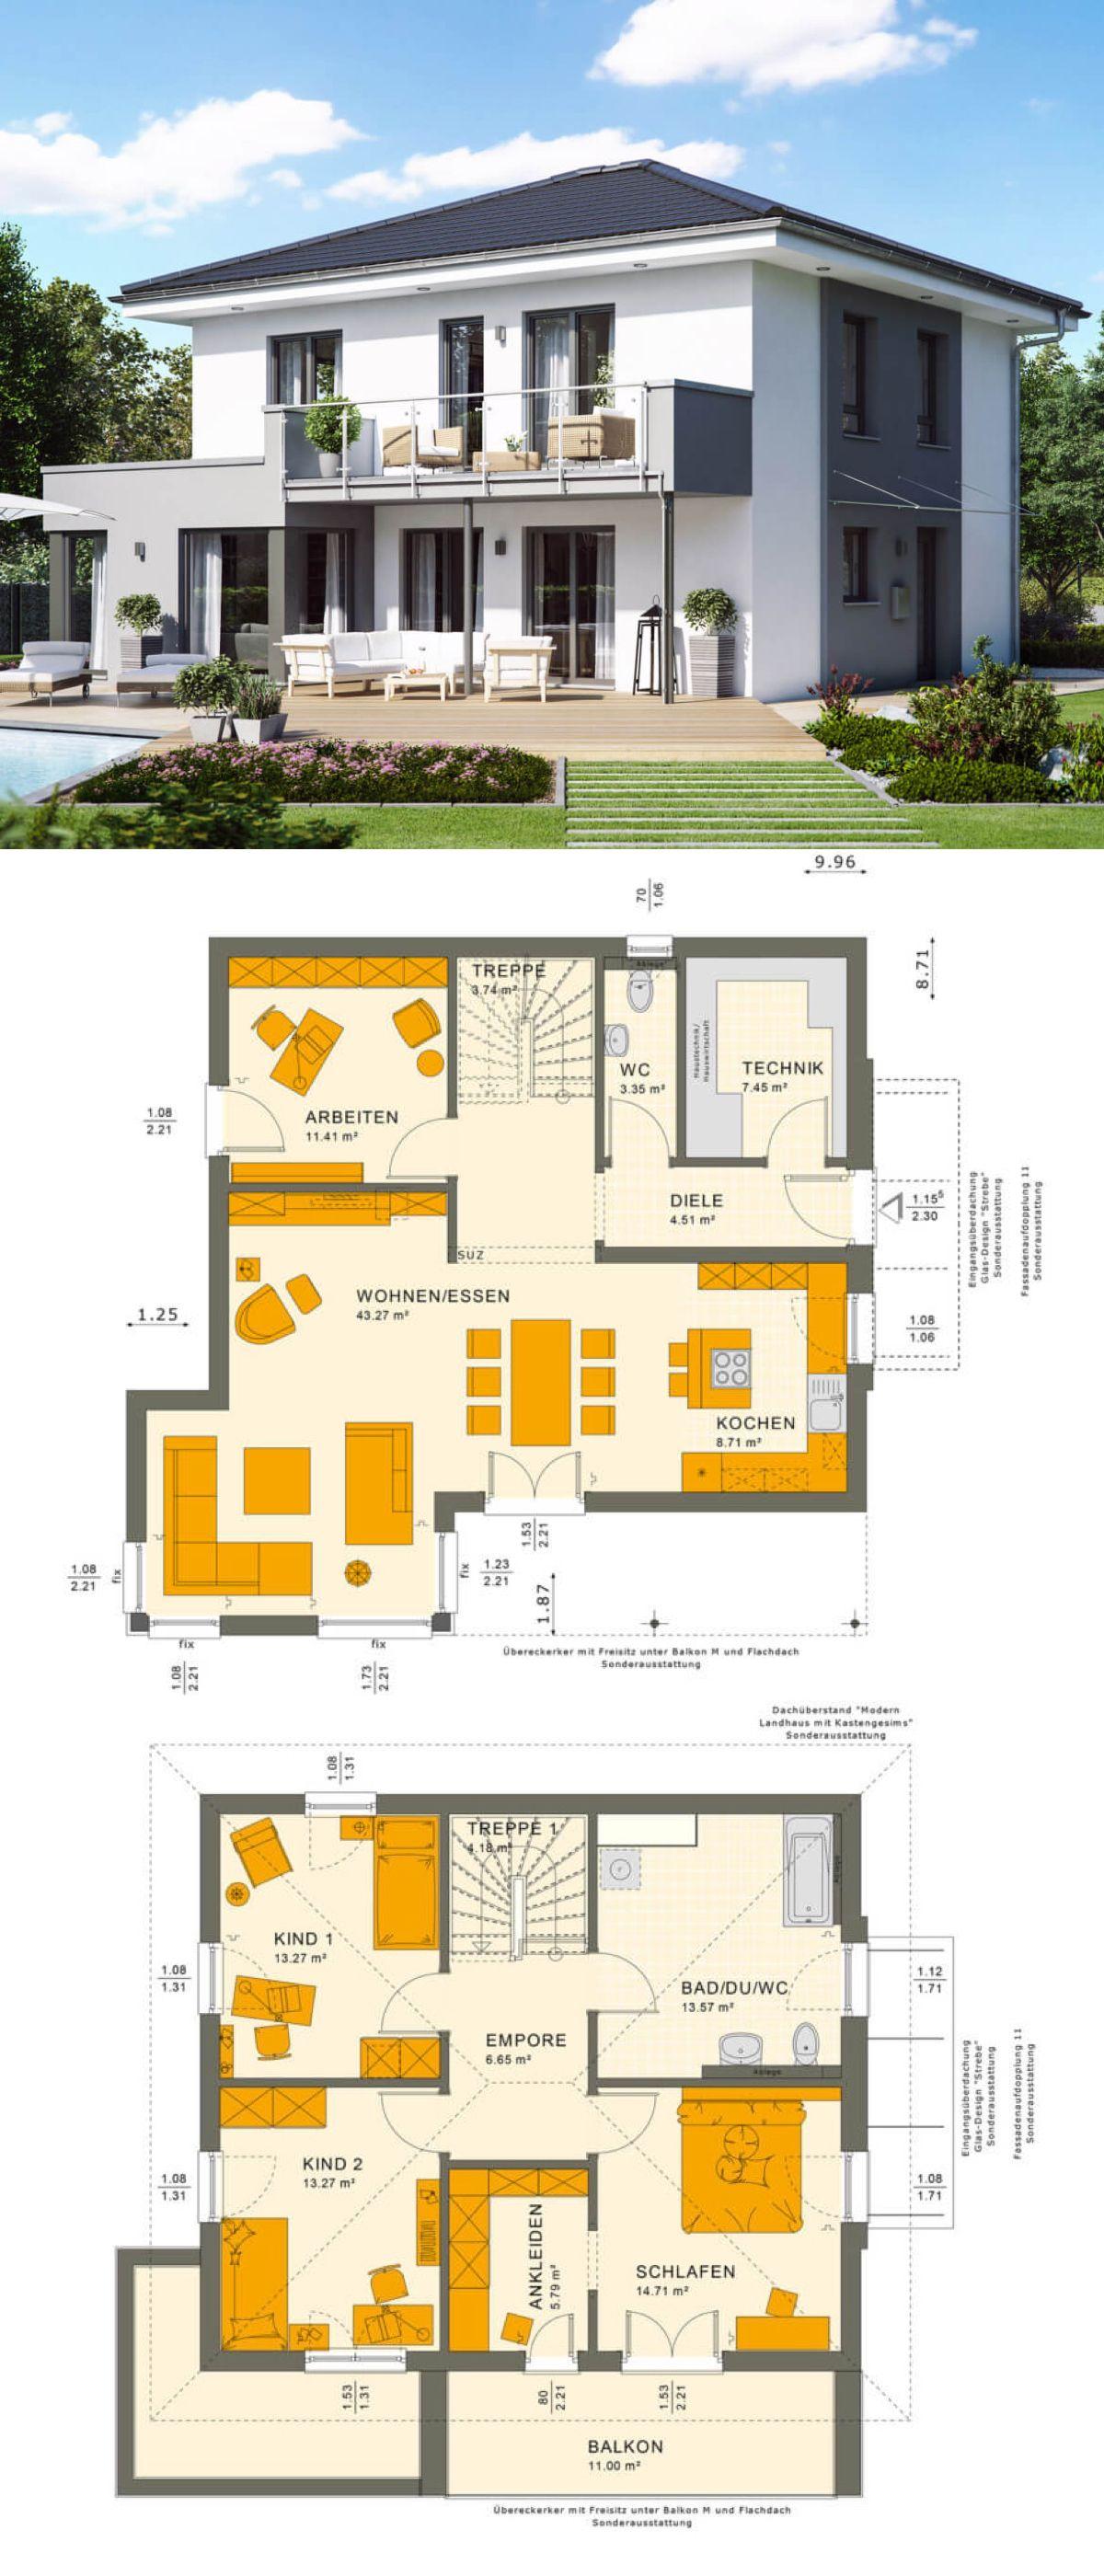 stadtvilla modern neubau mit walmdach architektur erker loggia einfamilienhaus bauen ideen. Black Bedroom Furniture Sets. Home Design Ideas